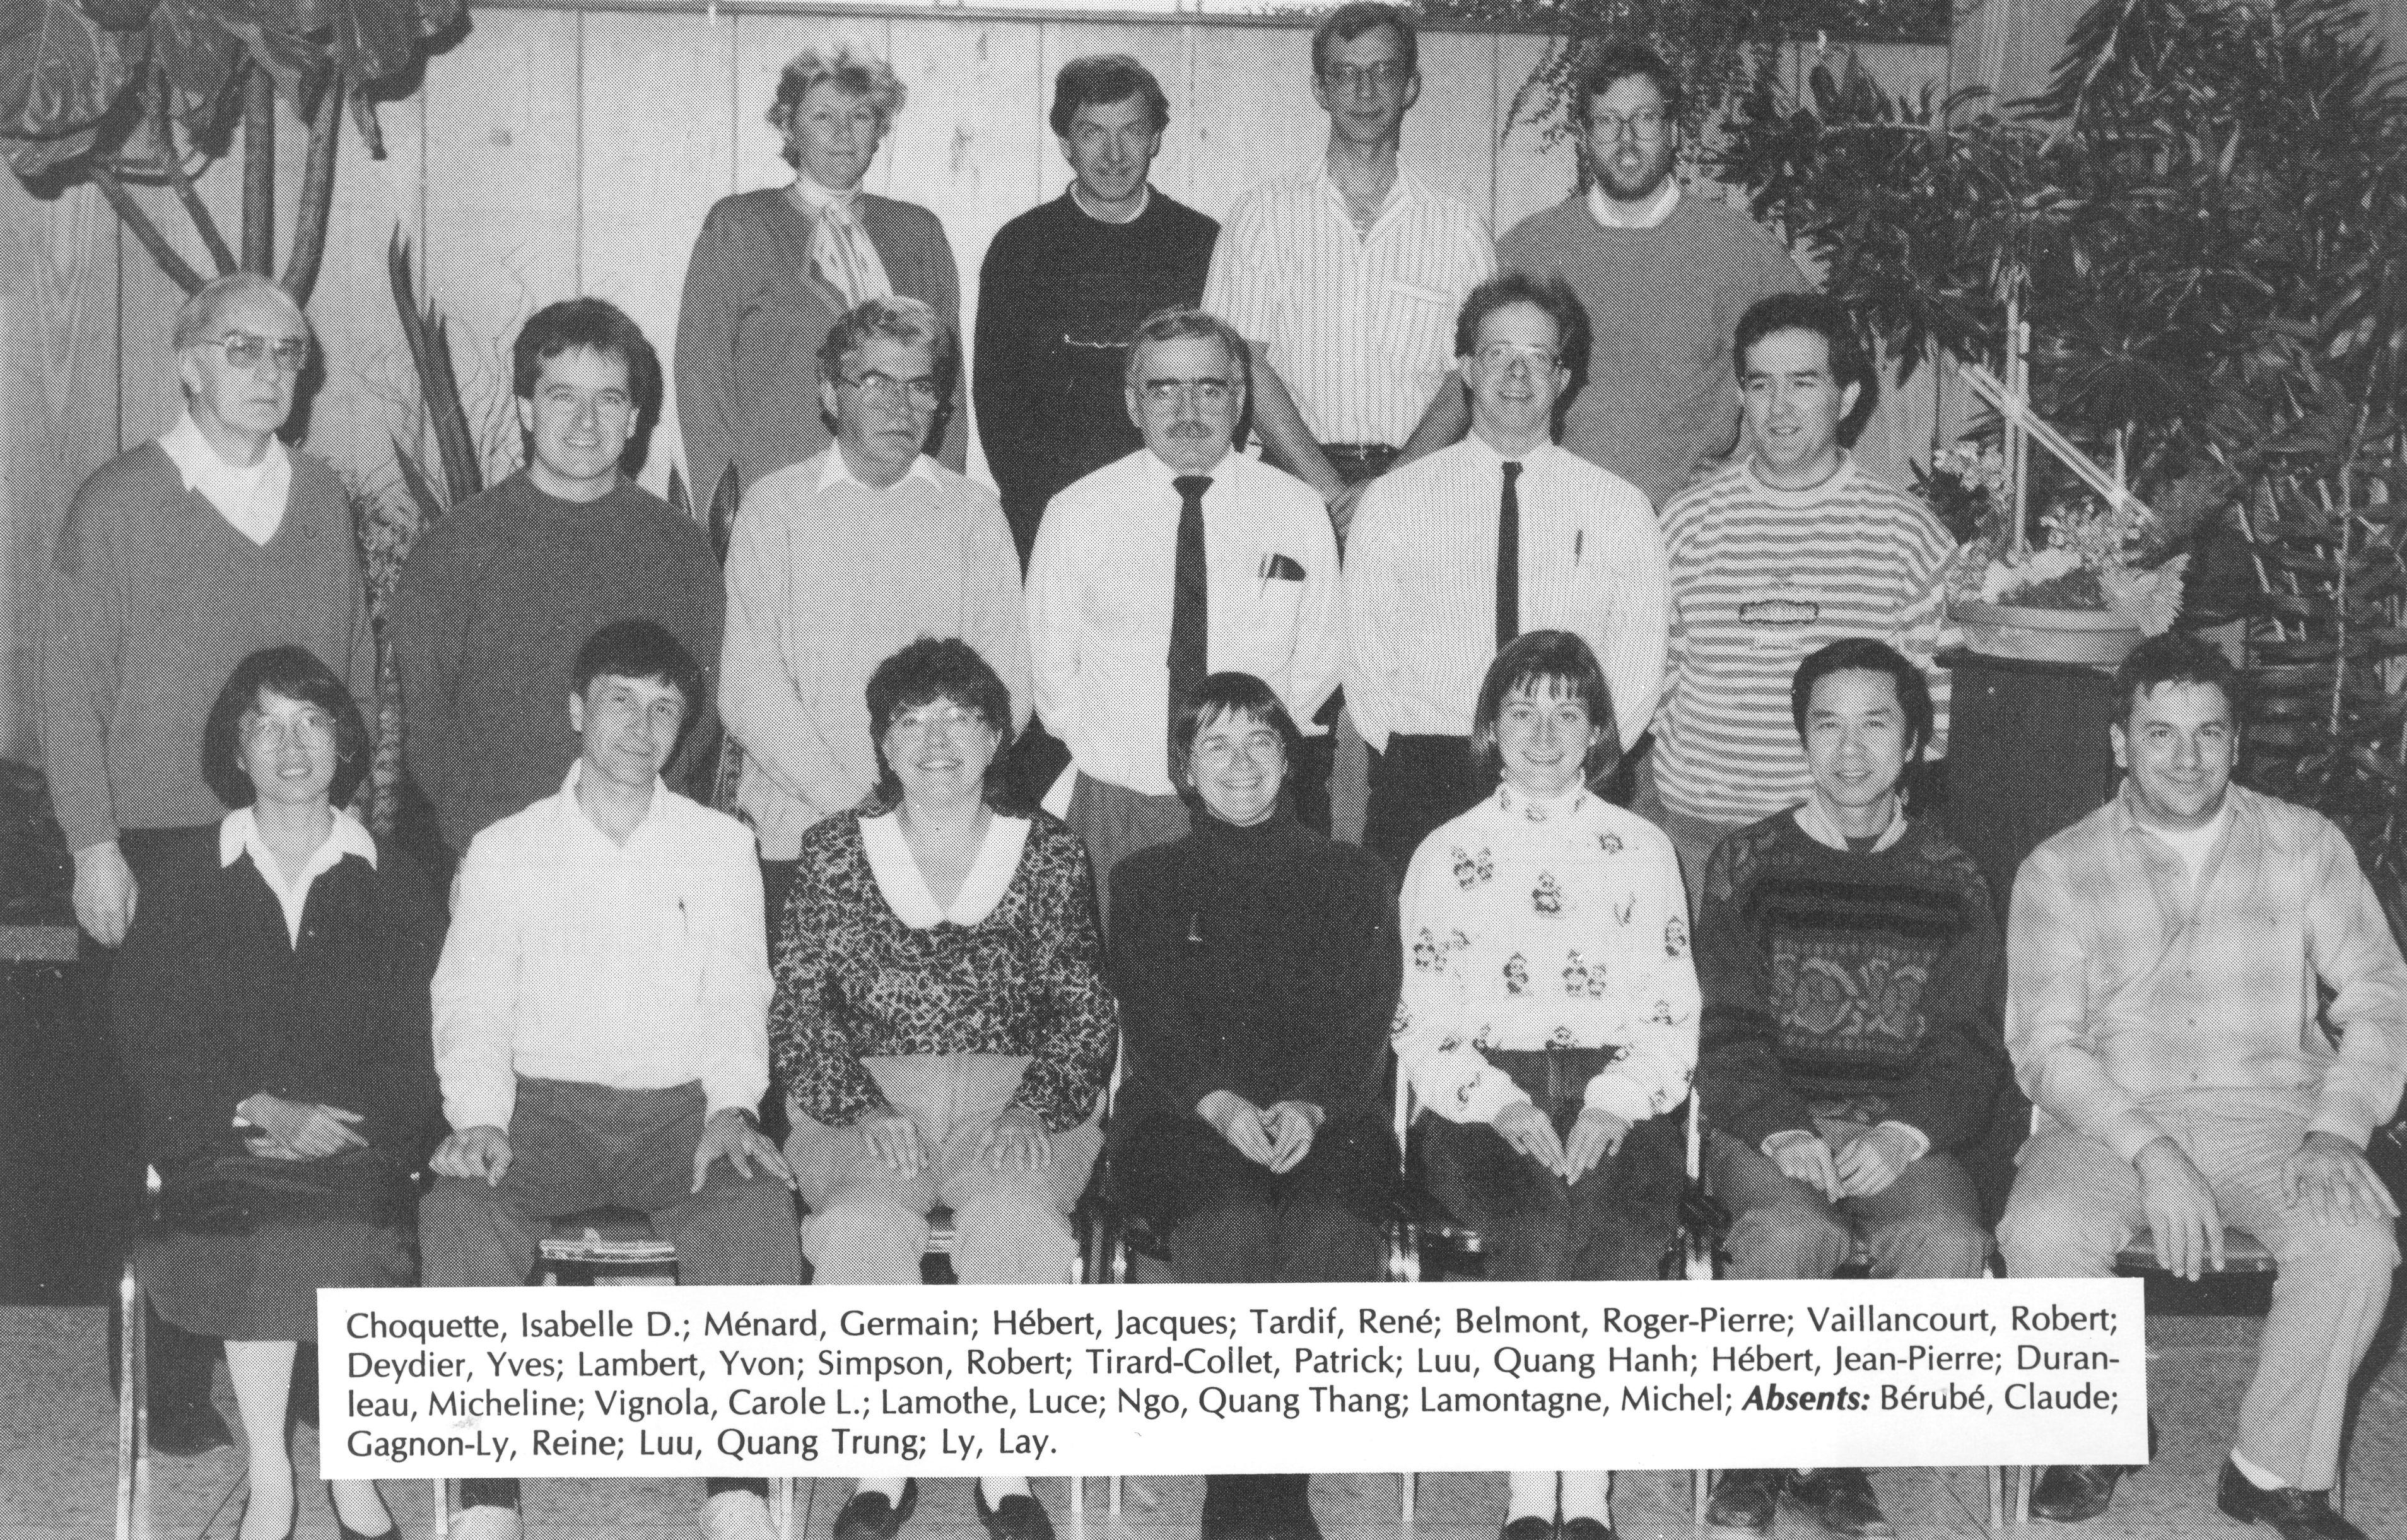 1994-Alimentaire-I Choquette-G Ménard-J Hébert-R Tardif-Roger Belmont-Pierre Roger-R Vaillancourt